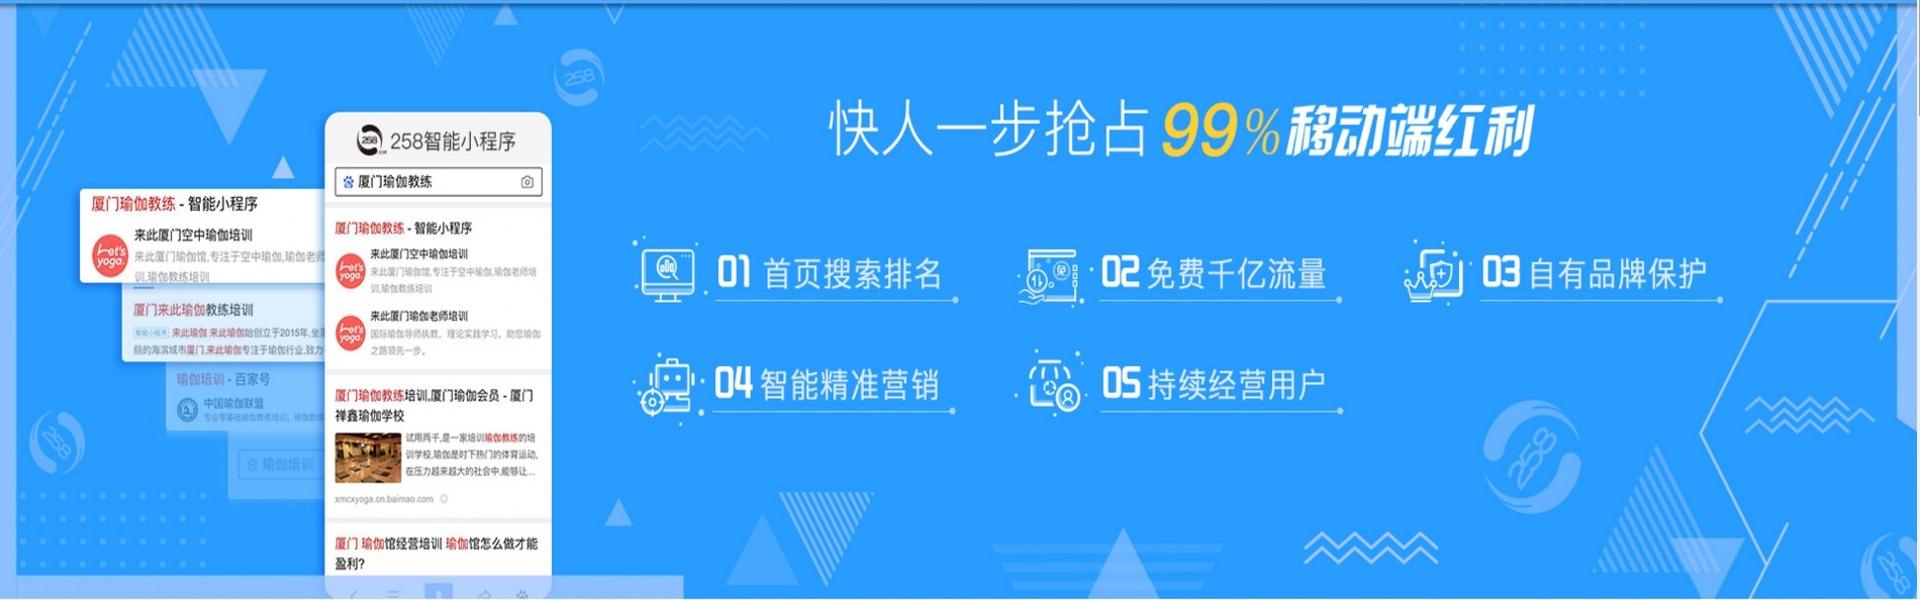 惠州全网营销推广|惠州网站建设小程序商城开发找百优智友